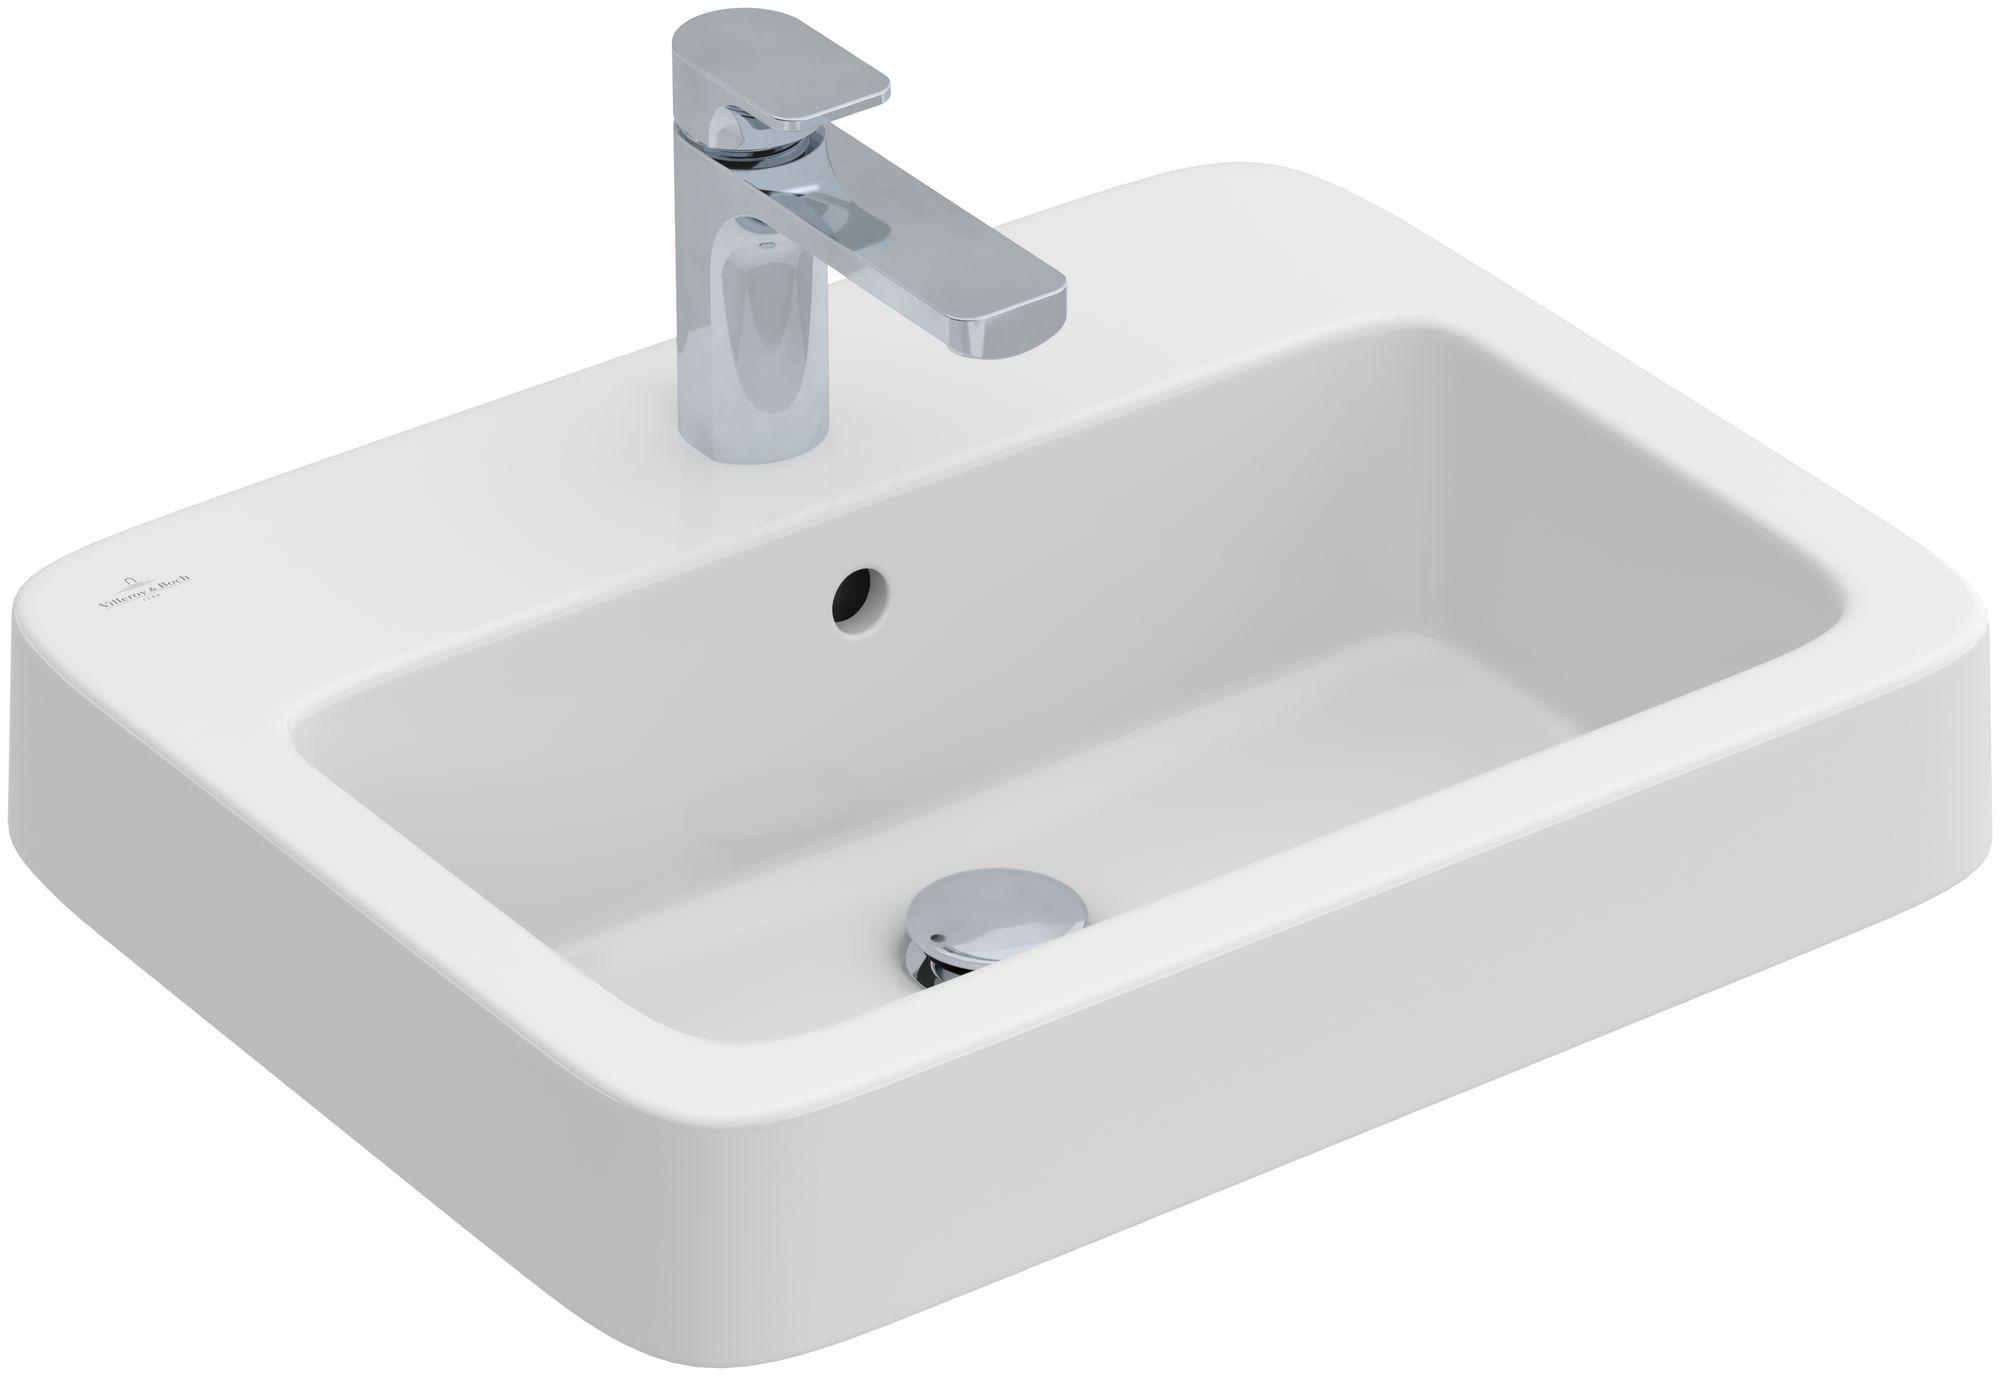 Villeroy & Boch Architectura Einbauwaschtisch B:55xT:43cm mit Überlauf 1 Hahnloch weiß Ceramicplus 419355R1